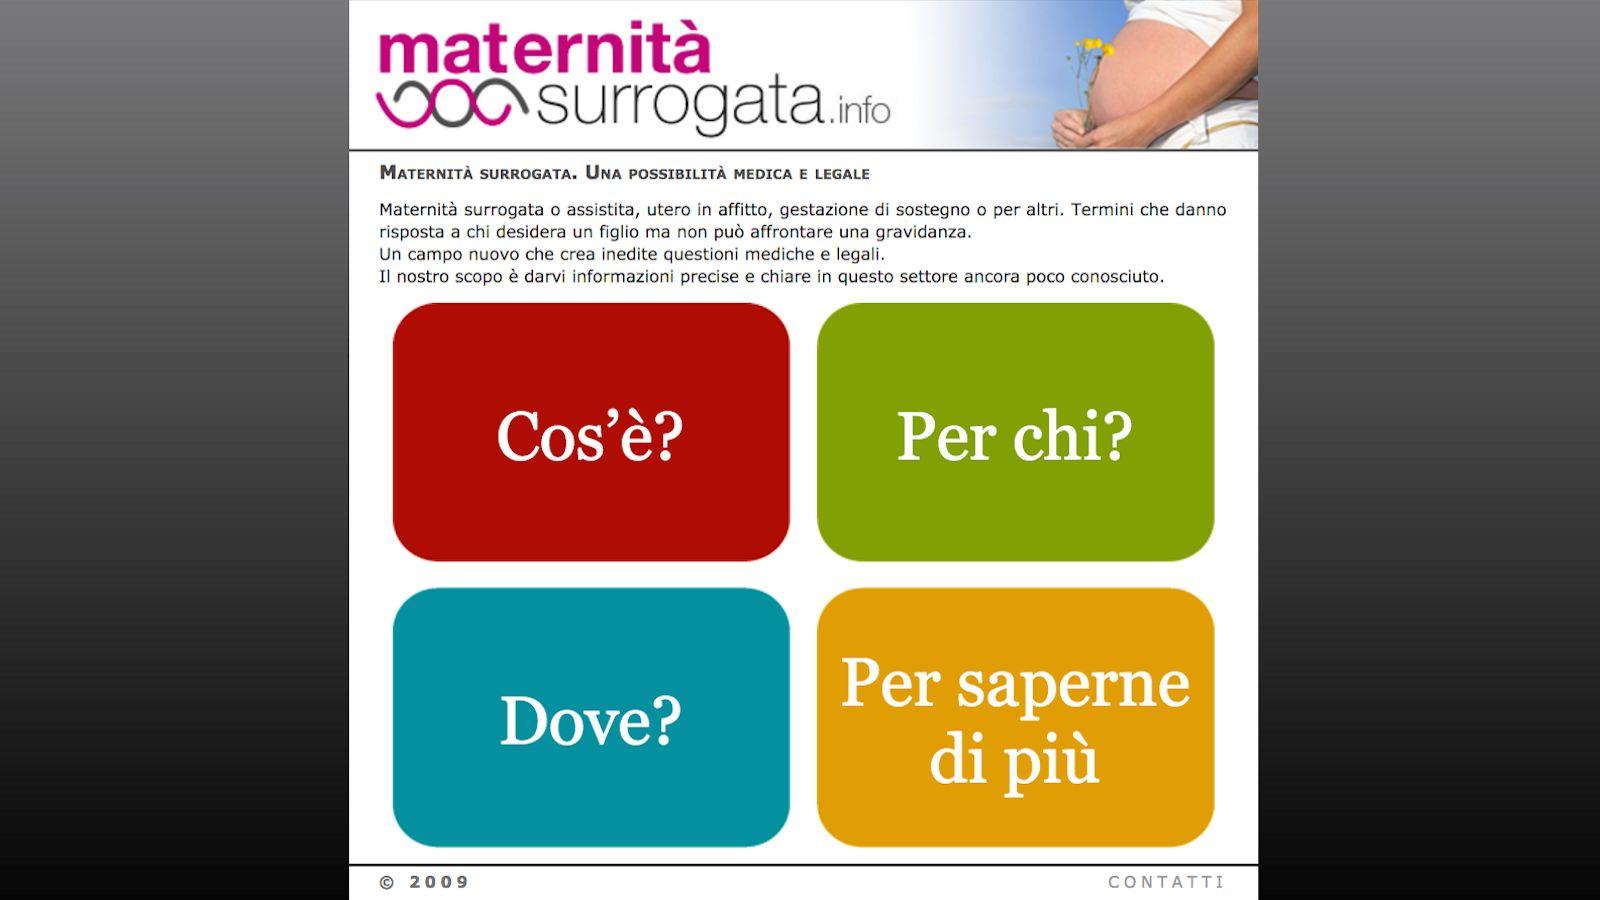 Il vecchio sito maternità surrogata.info online dal 2009